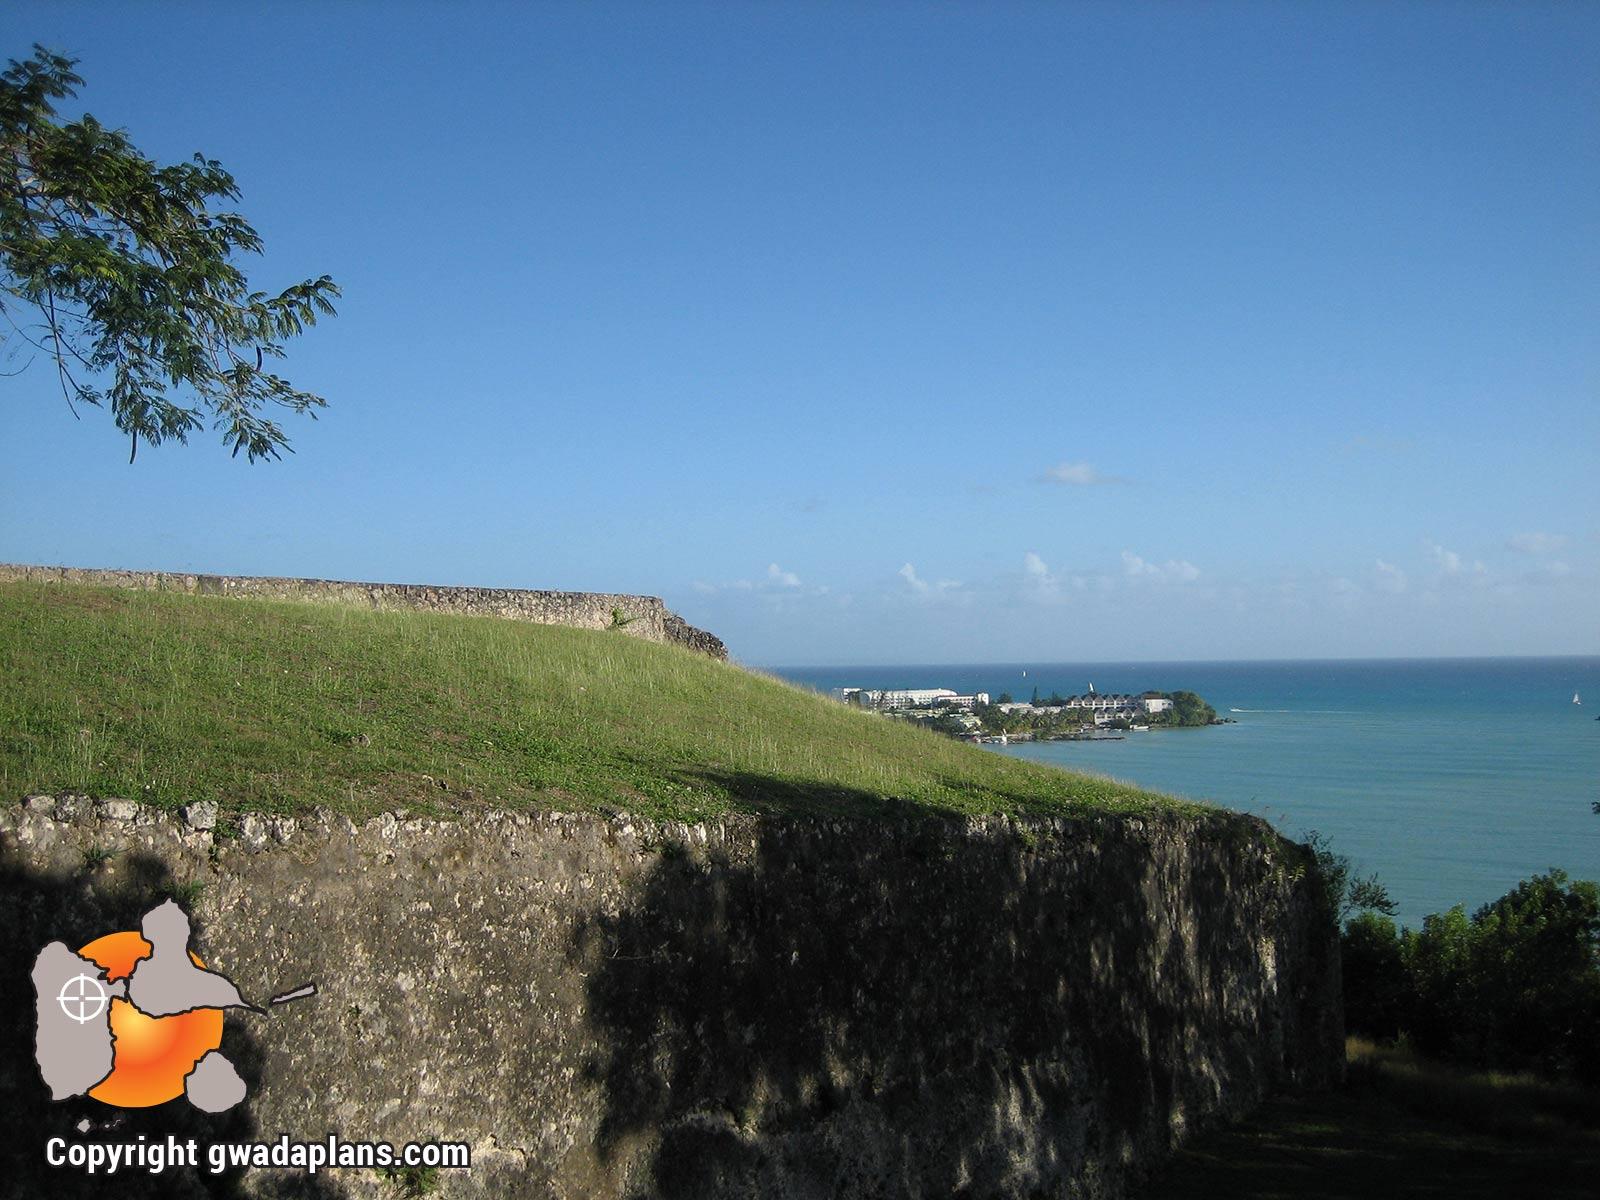 Vue sur la Pointe de la Verdure et ses hôtels